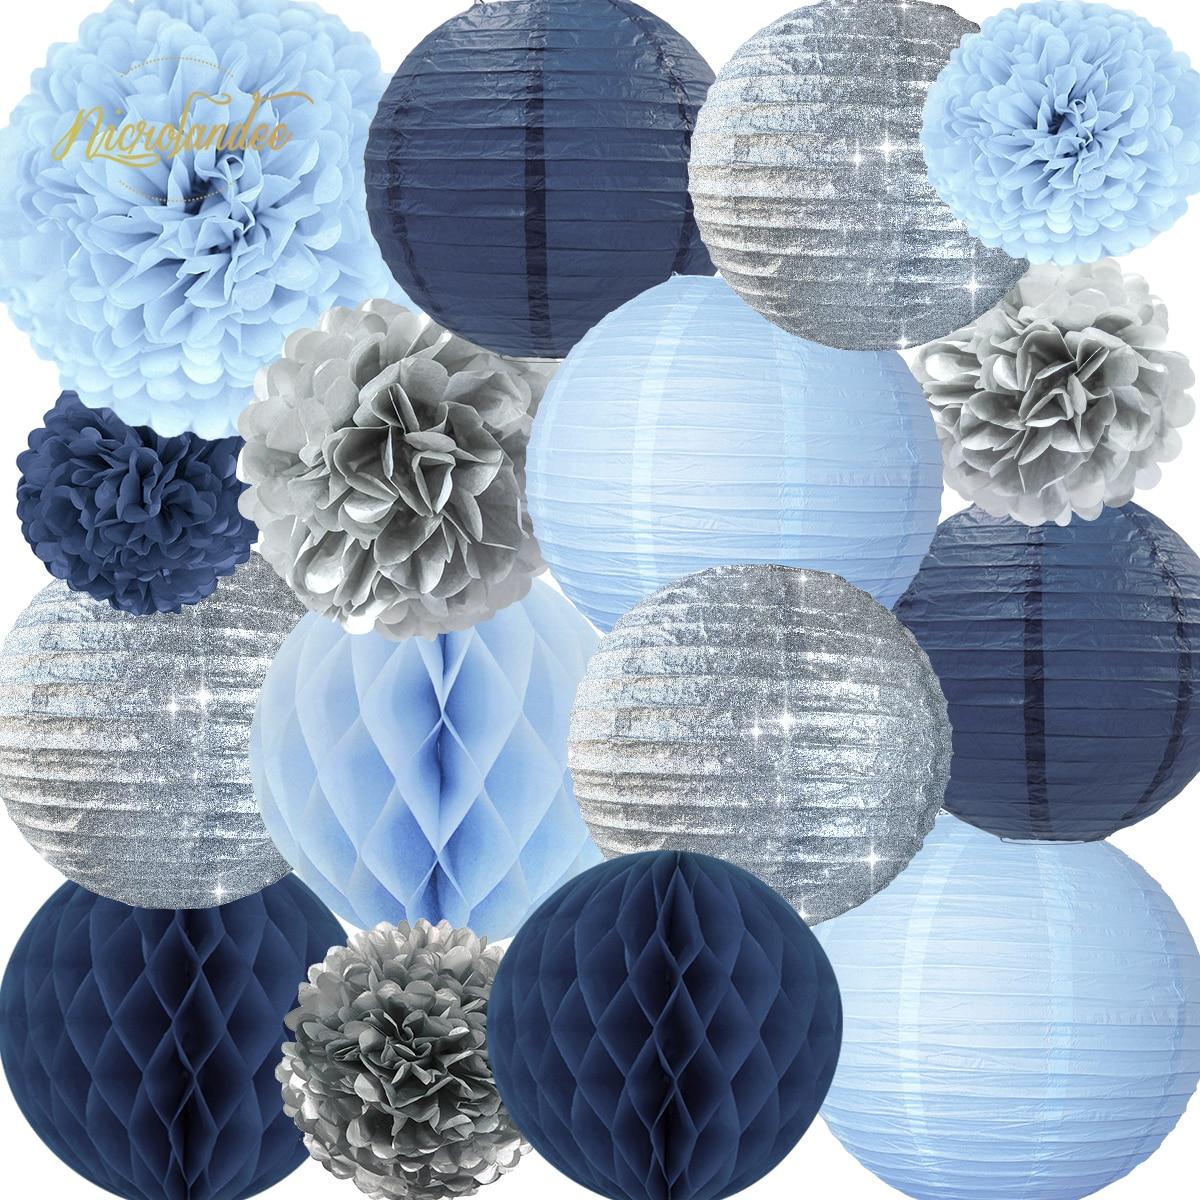 NICROLANDEE 16 pçs/set Azul Lanternas De Papel De Prata Flores Decoração Do Casamento da Festa de Aniversário do Aniversário Home Decor DIY